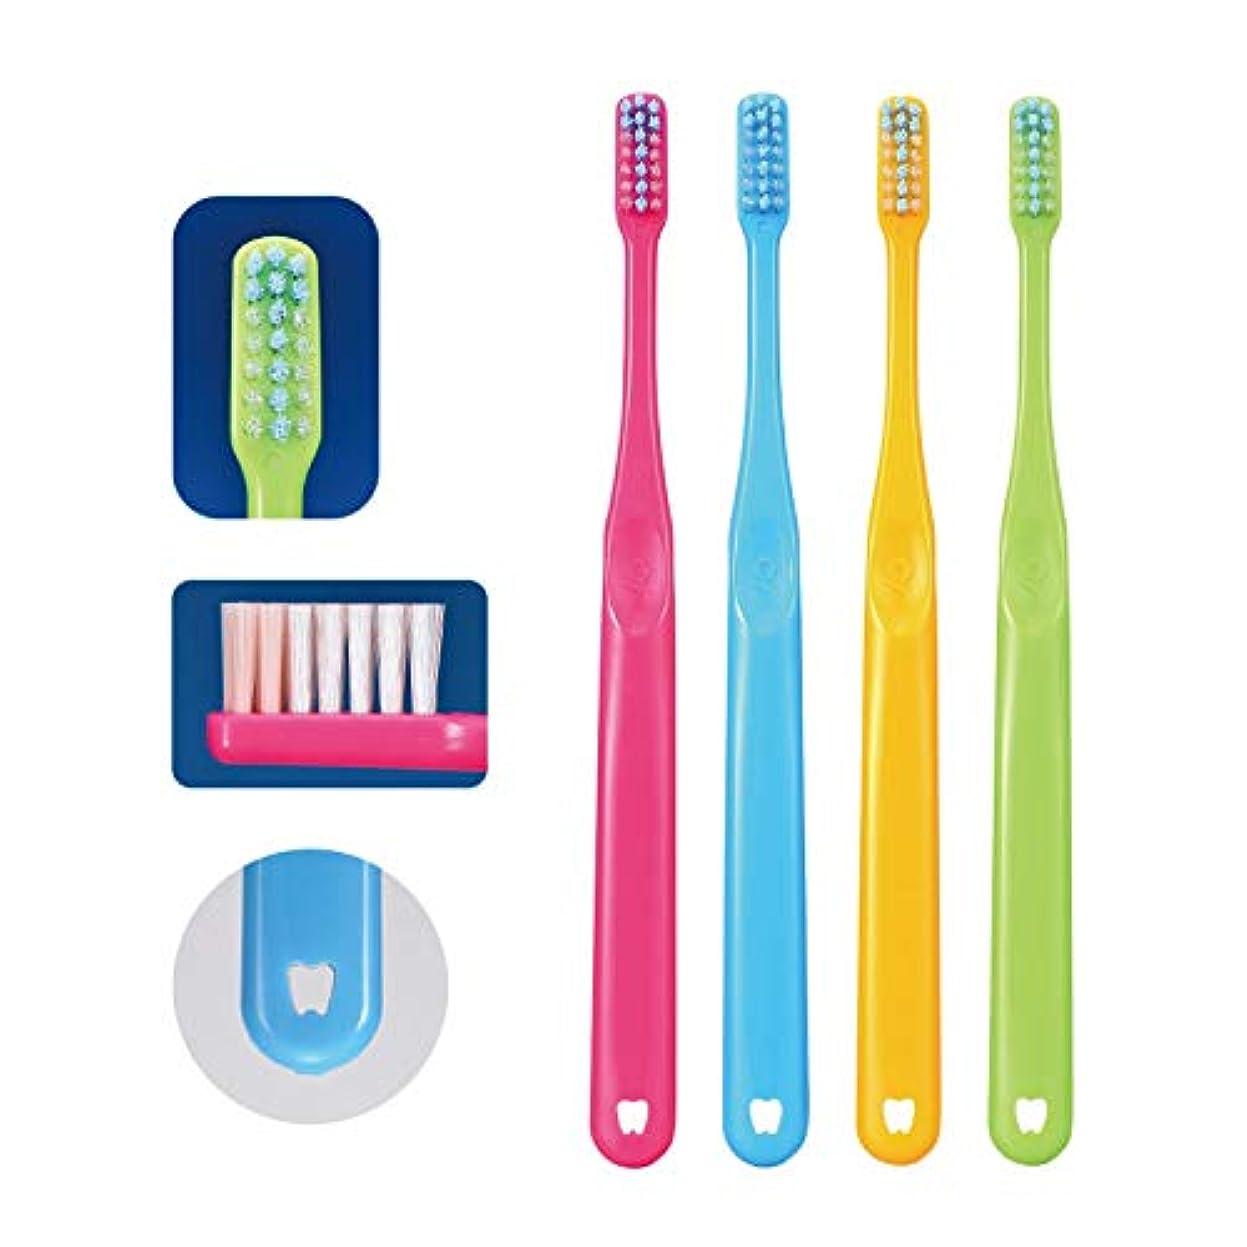 アウター宣言する農奴Ci PRO PLUS プロプラス 歯ブラシ 20本 S(やわらかめ) 日本製 プラーク除去 歯科専売品